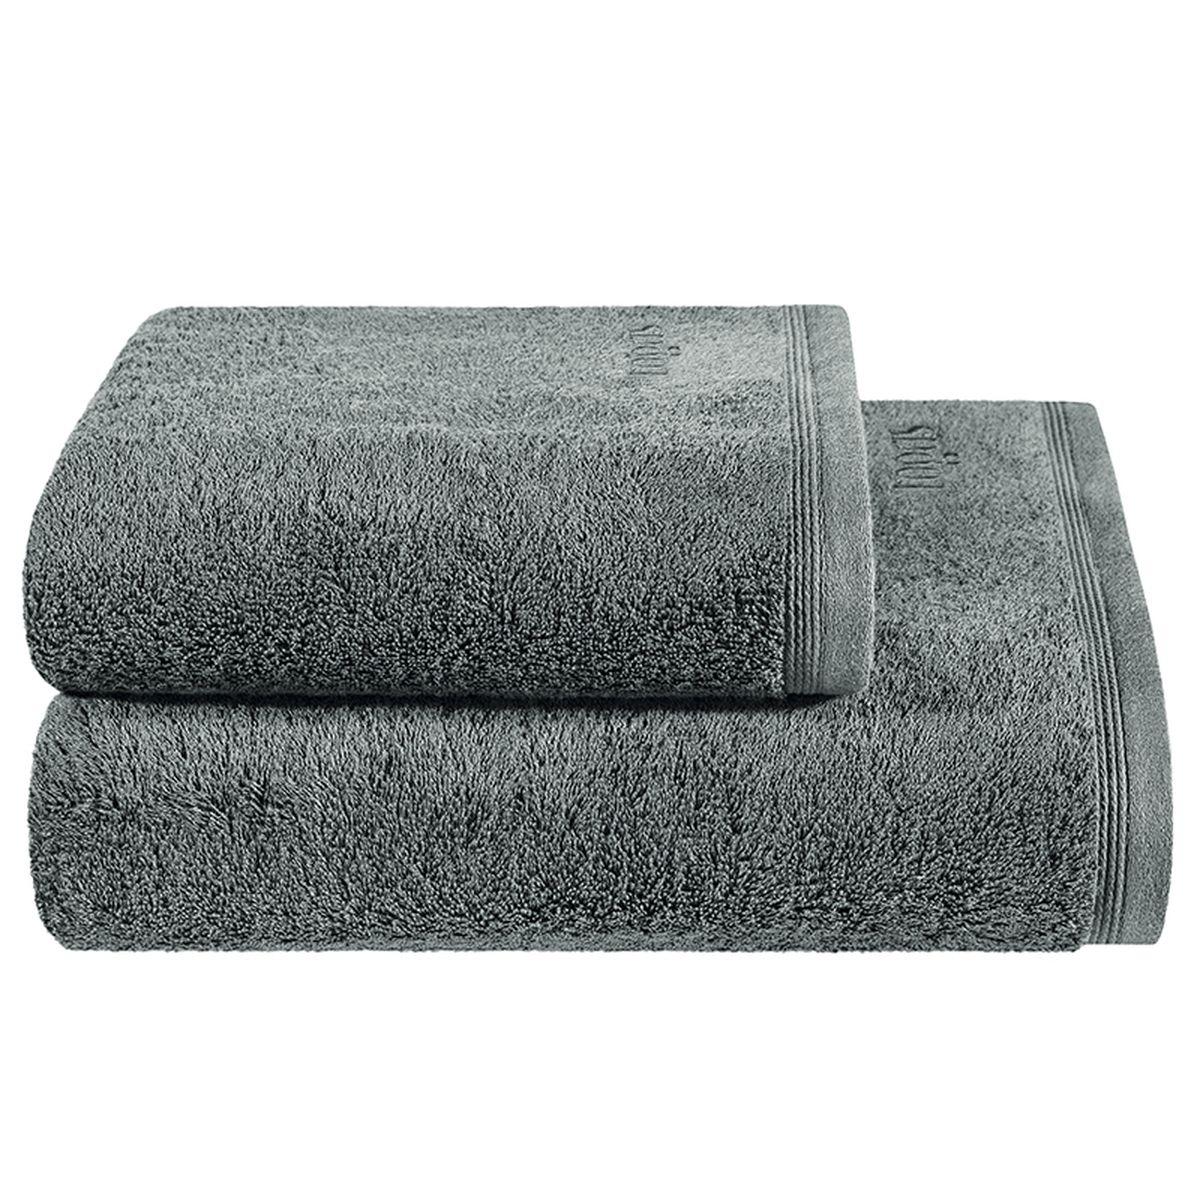 Полотенце Togas Пуатье, цвет: темно-серый, 50 х 100 см1004900000360Полотенце Togas Пуатье невероятно гармонично сочетает в себе лучшие качества современного махрового текстиля. Безупречные по качеству, экологичное полотенце из 70% хлопка и 30% модала идеально заботится о вашей коже, особенно после душа, когда вы расслаблены и особо уязвимы. Деликатный дизайн полотенца Togas «Пуатье» - воплощение изысканной простоты, где на первый план выходит качество материала. Невероятно мягкое волокно модал, превосходящее по своим свойствам даже хлопок, позволяет улучшить впитывающие качества полотенца и делает его удивительно мягким. Модал - это 100% натуральное, экологически чистое целлюлозное волокно. Оно производится без применения каких-либо химических примесей, поэтому абсолютно гипоаллергенно.Полотенце Togas Пуатье, обладающее идеальными качествами, будет поднимать вам настроение.